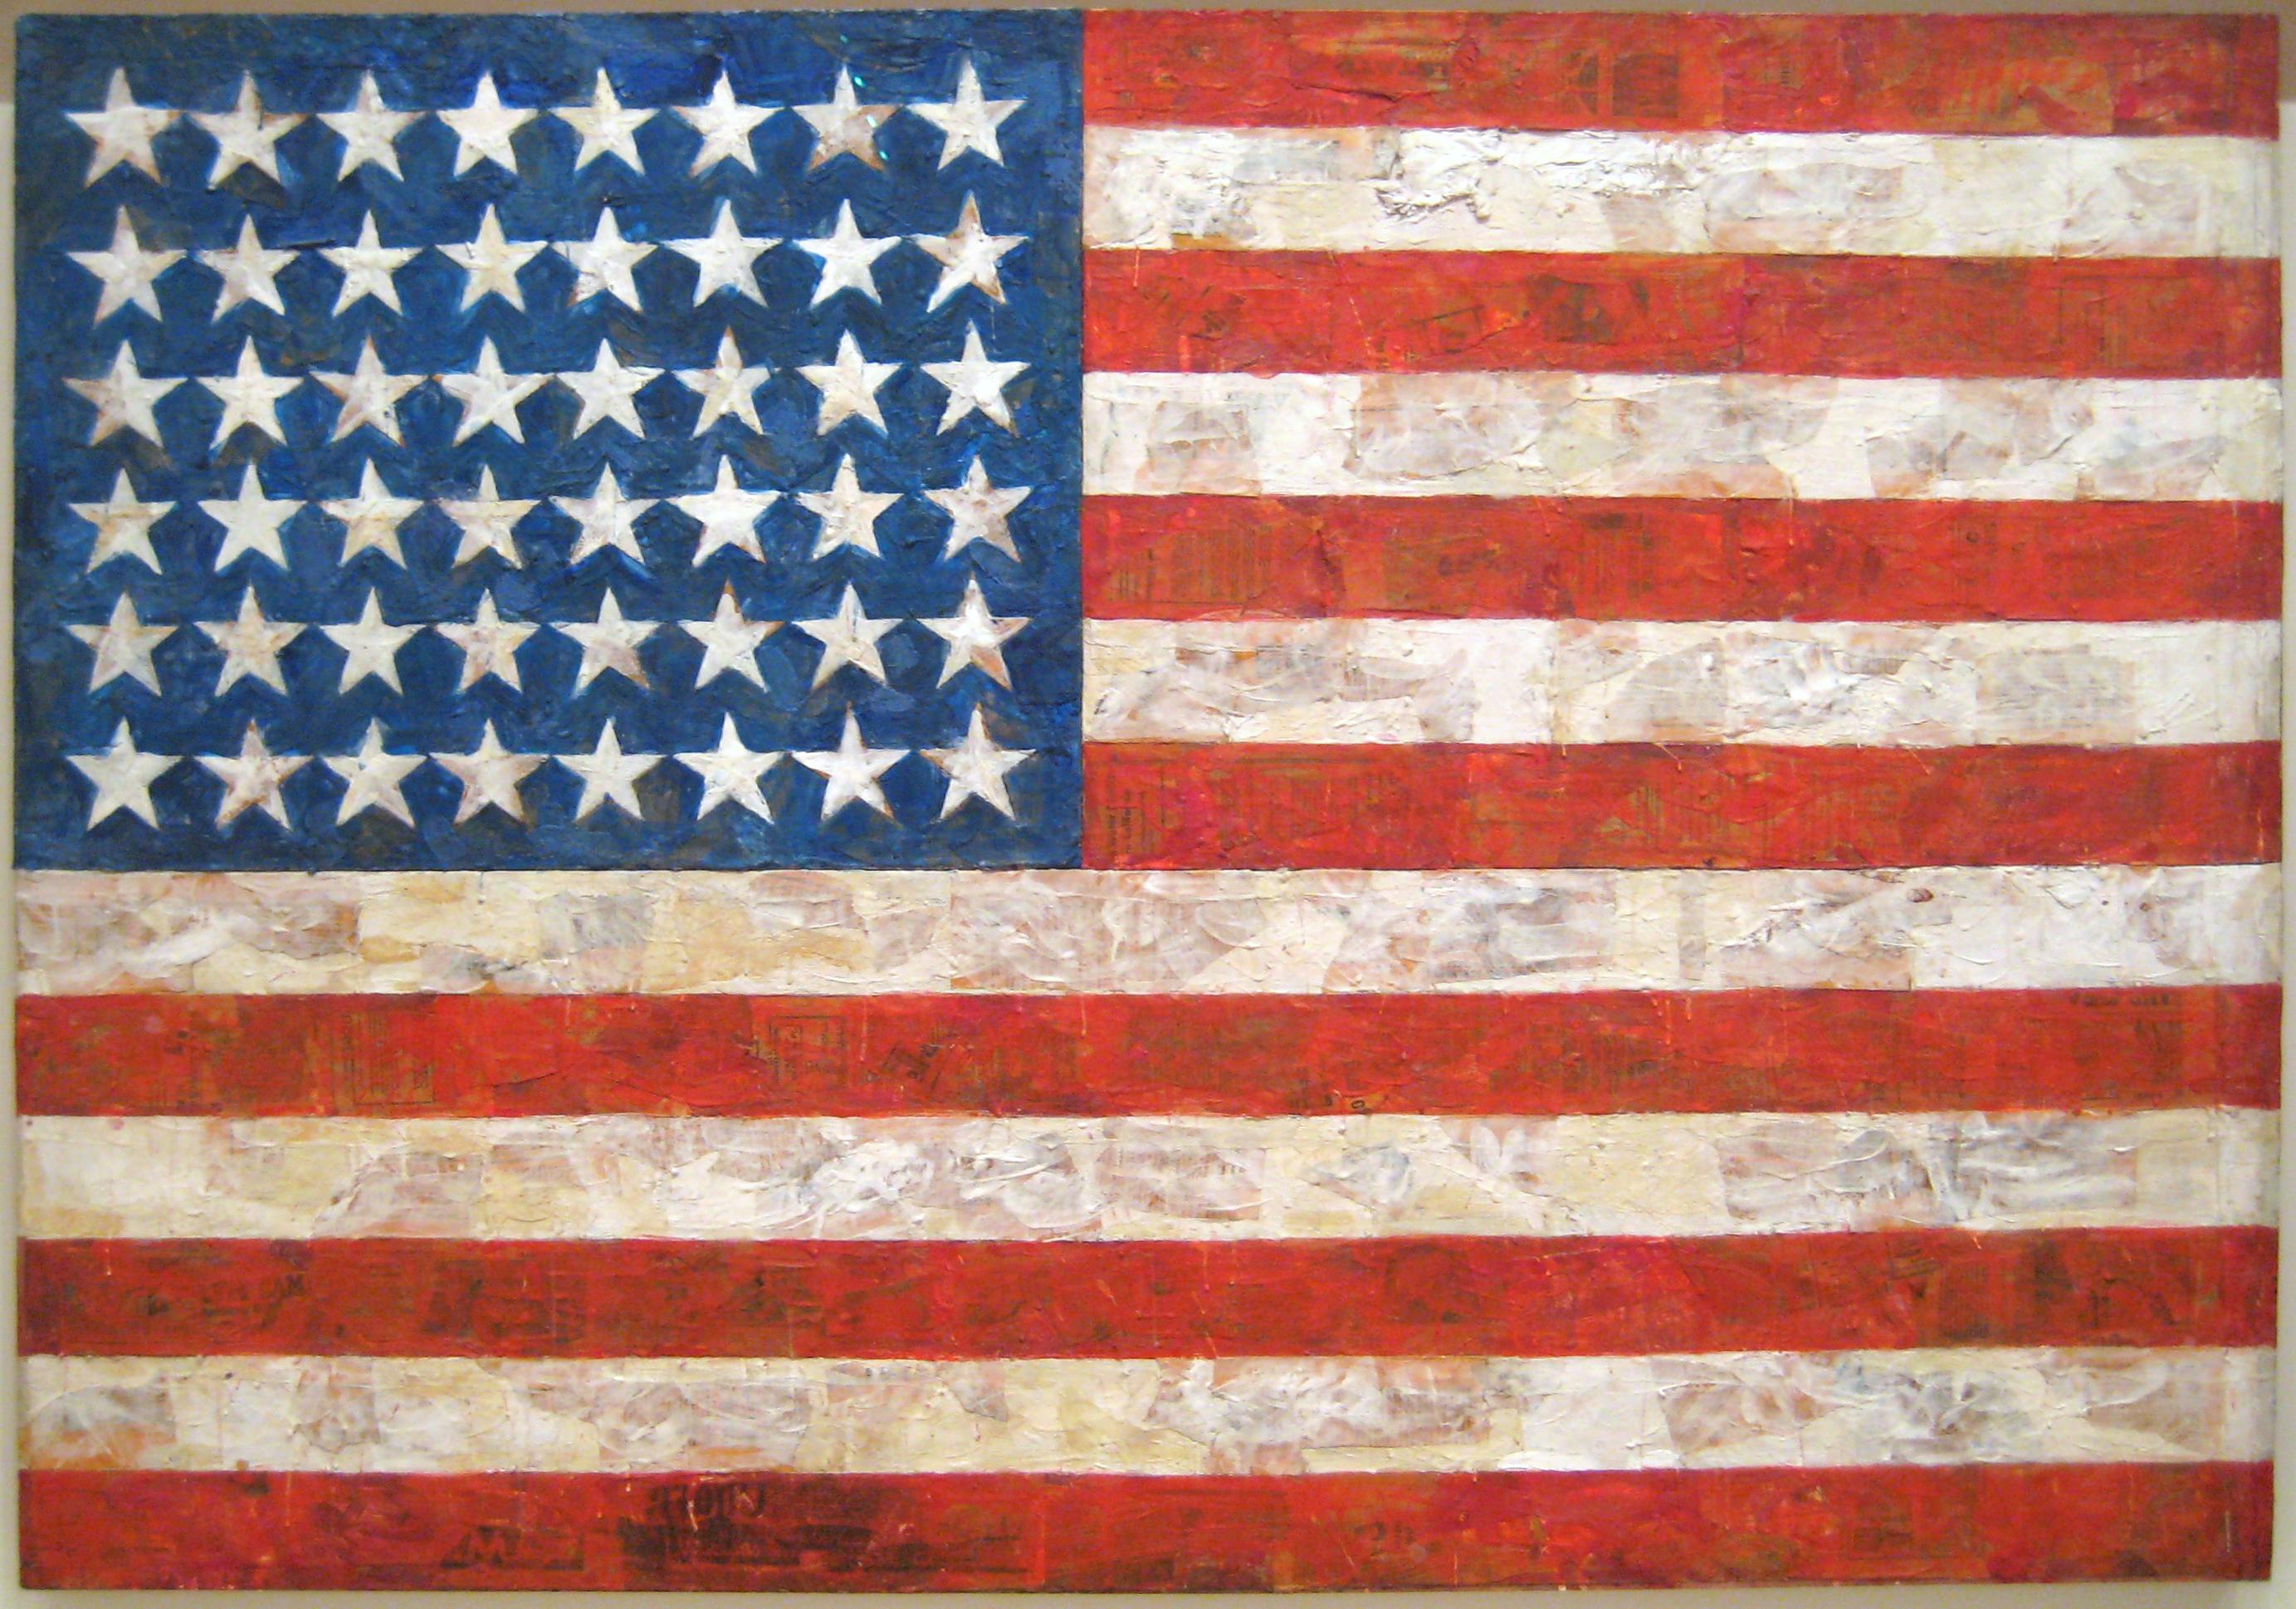 Jasper Johns: Flag (1954)